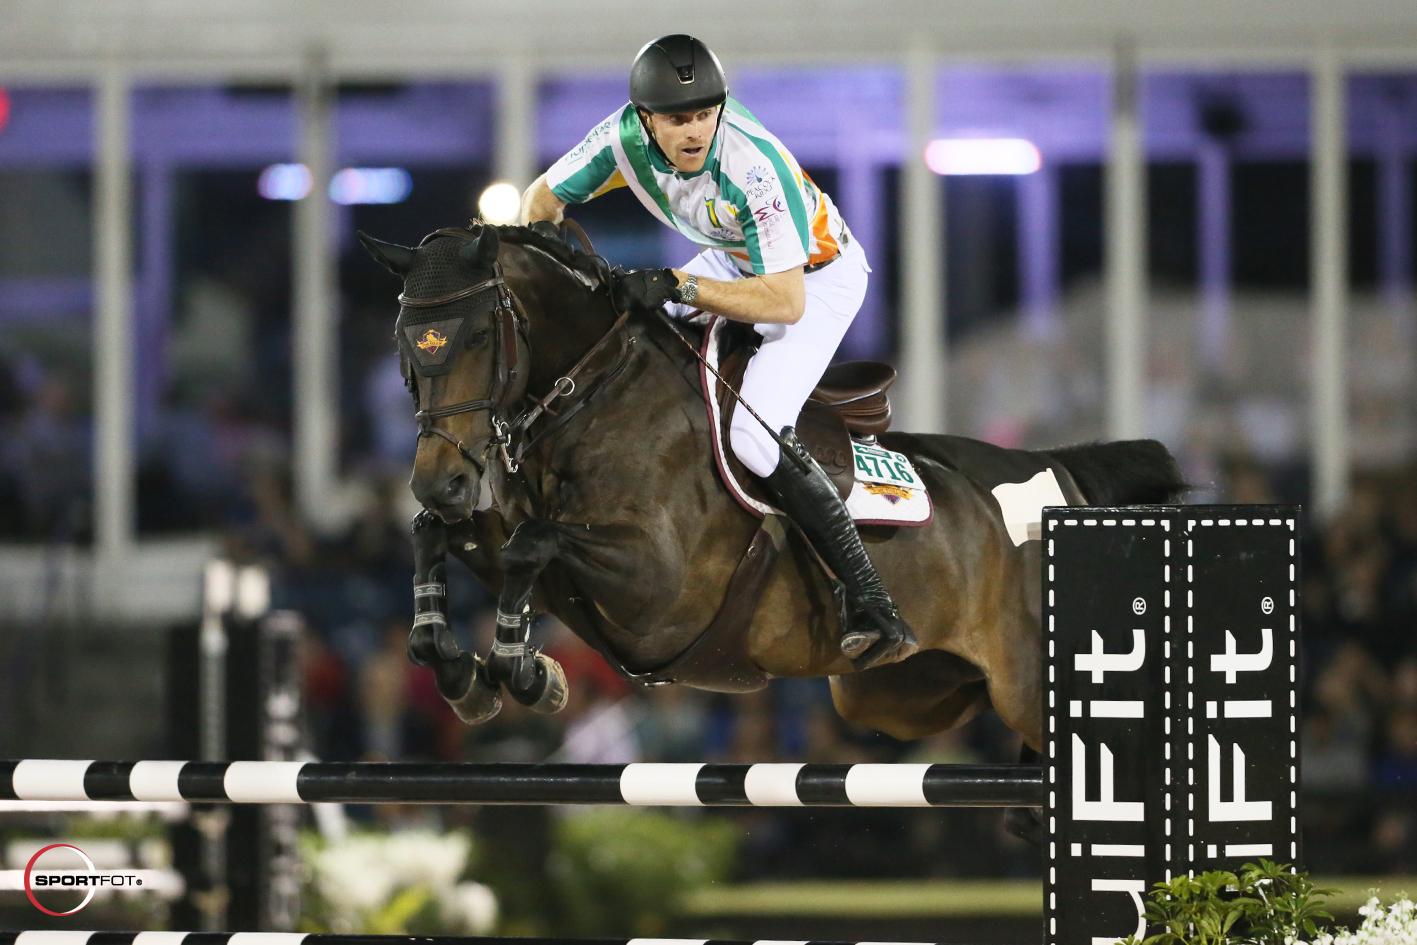 David Blake and Emilia. Photo © Sportfot